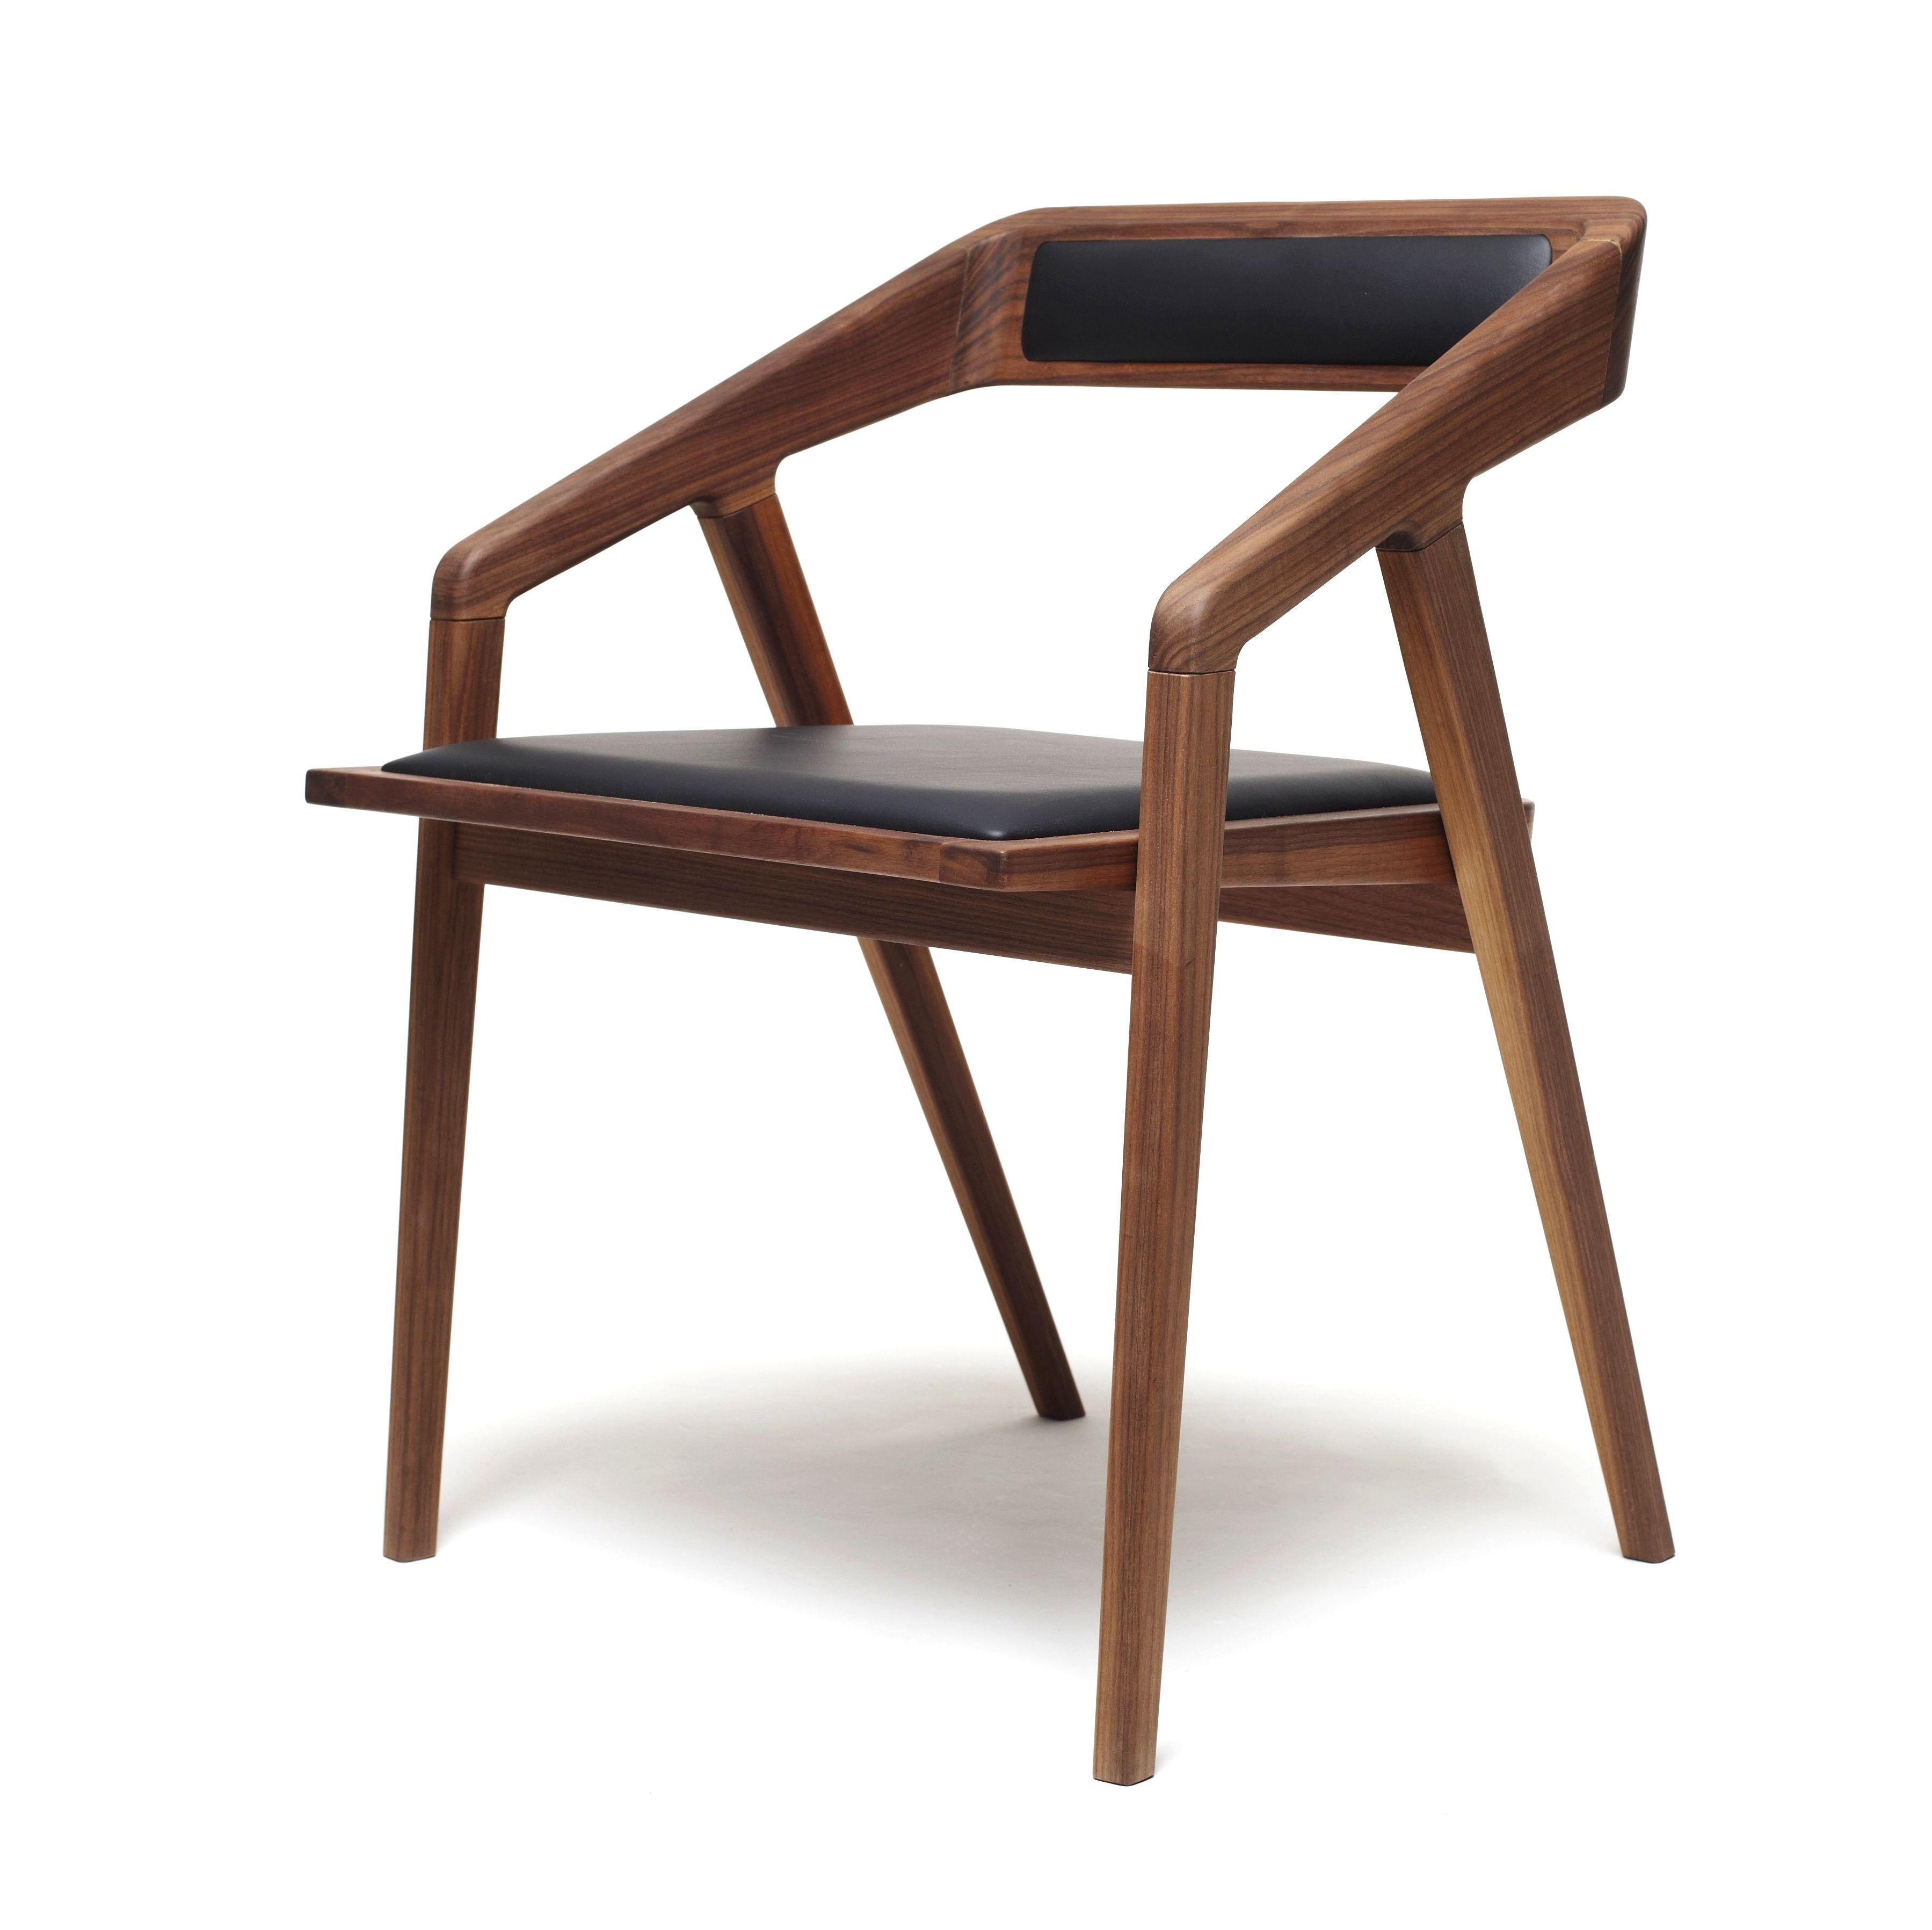 Katakana chair by dare studio design sean dare for Latest wooden chair designs